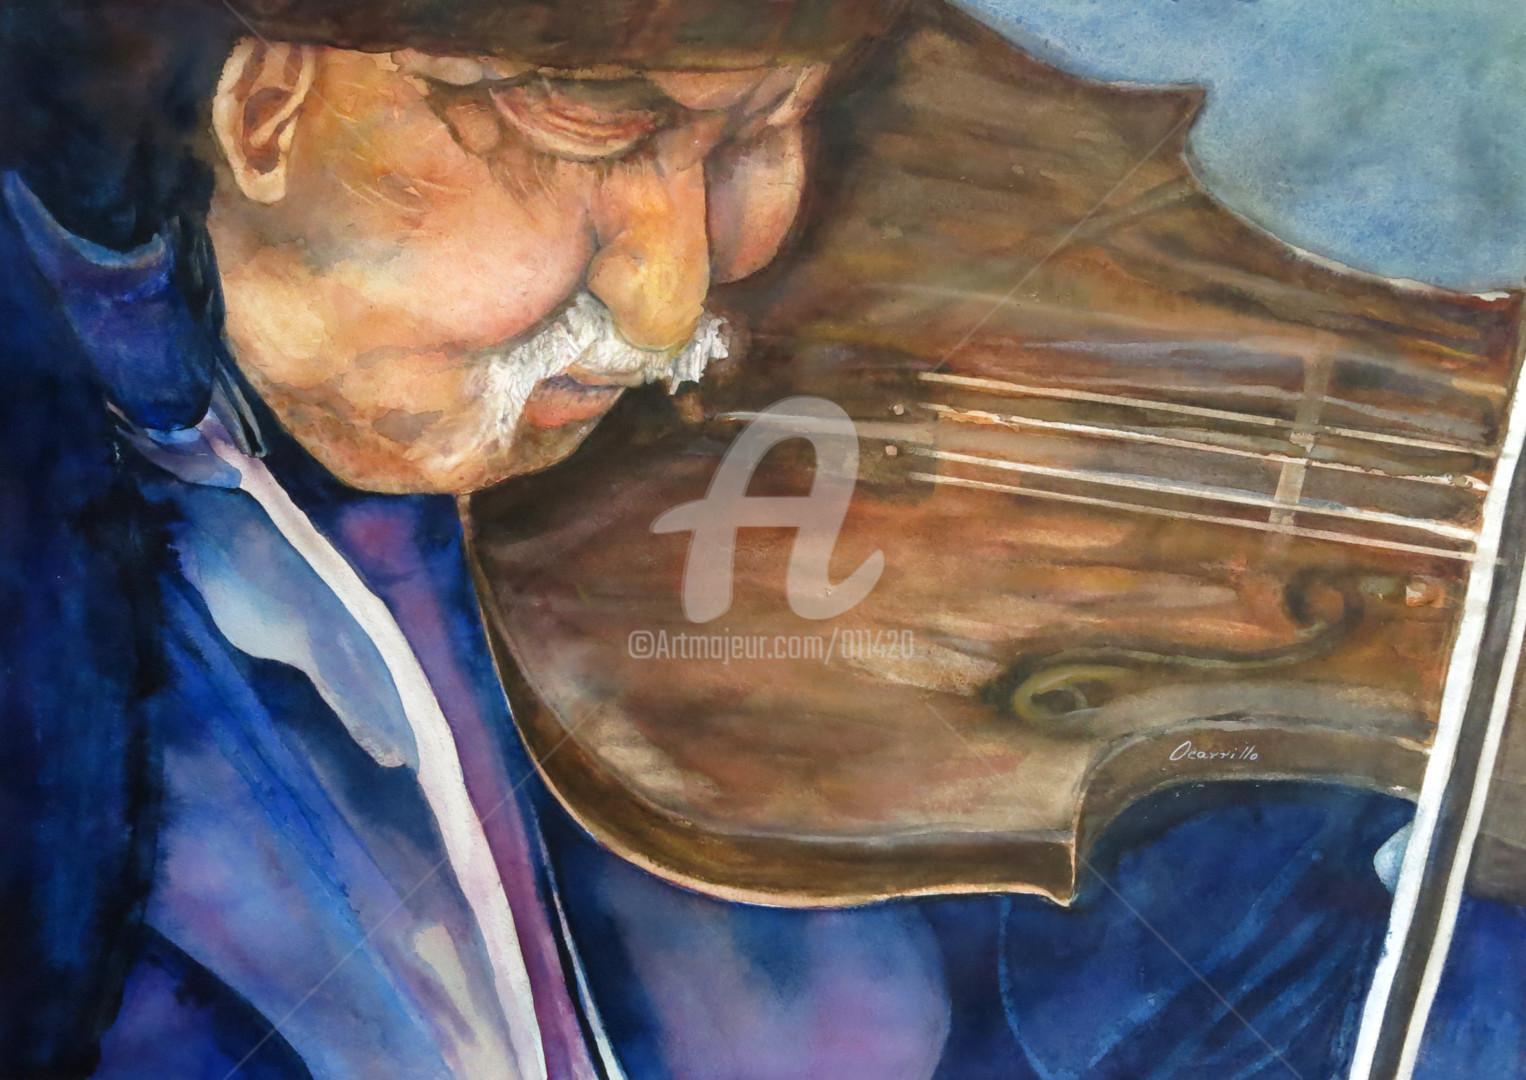 Ocarrillo - ocarrillo-violinista.jpg